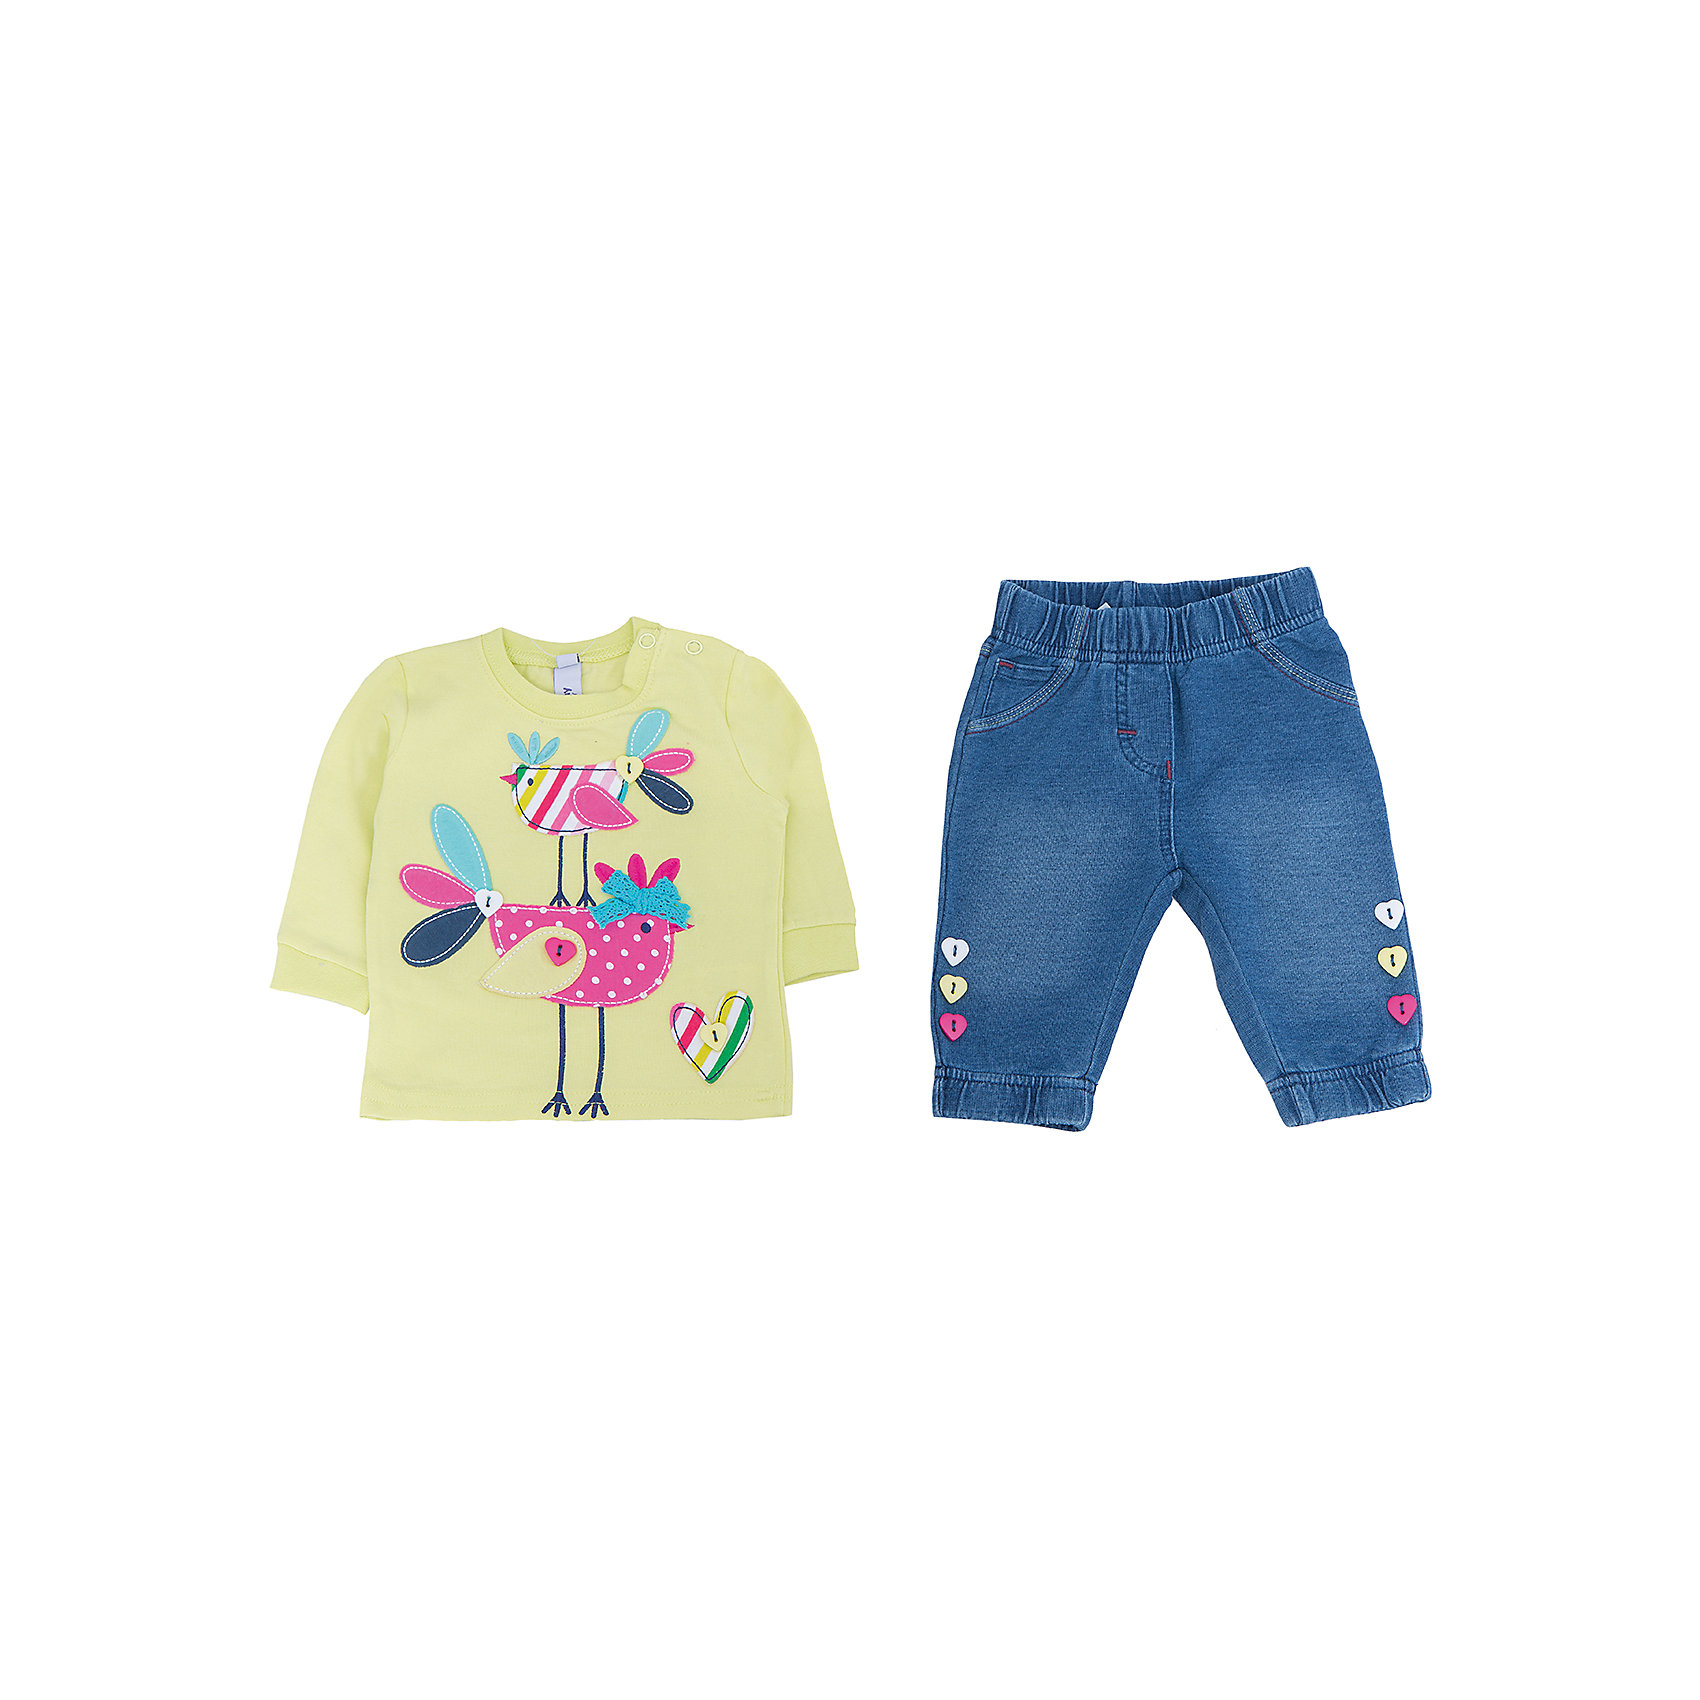 Комплект: толстовка и брюки для девочки PlayTodayКомплекты<br>Комплект: толстовка и брюки для девочки от известного бренда PlayToday.<br>Комплект из толстовки с длинными рукавами и брюк. <br>Толстовка салатового цвета украшена ярким принтом с птичками. Рукава и воротник на мягкой трикотажной резинке.<br>Брюки из футера с имитацией денима. Пояс на резинке, есть 5 кармашков. Низ штанишек на резинке. Украшены декоративными пуговками.<br>Состав:<br>95% хлопок, 5% эластан<br><br>Ширина мм: 157<br>Глубина мм: 13<br>Высота мм: 119<br>Вес г: 200<br>Цвет: разноцветный<br>Возраст от месяцев: 0<br>Возраст до месяцев: 3<br>Пол: Женский<br>Возраст: Детский<br>Размер: 56,74,62,68<br>SKU: 4901092